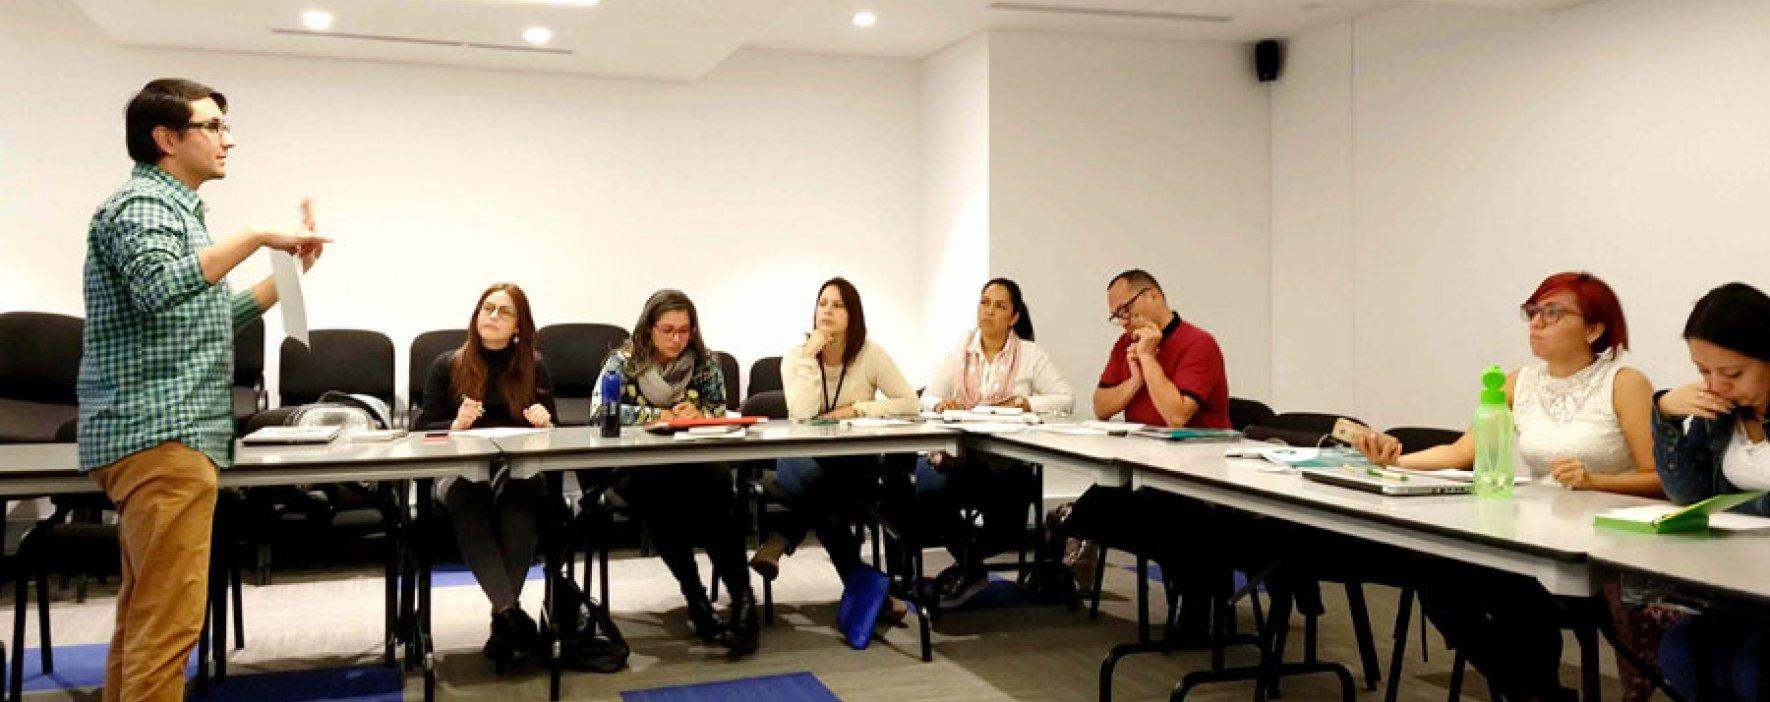 Inducción proyecto 'Proteger las trayectorias educativas'